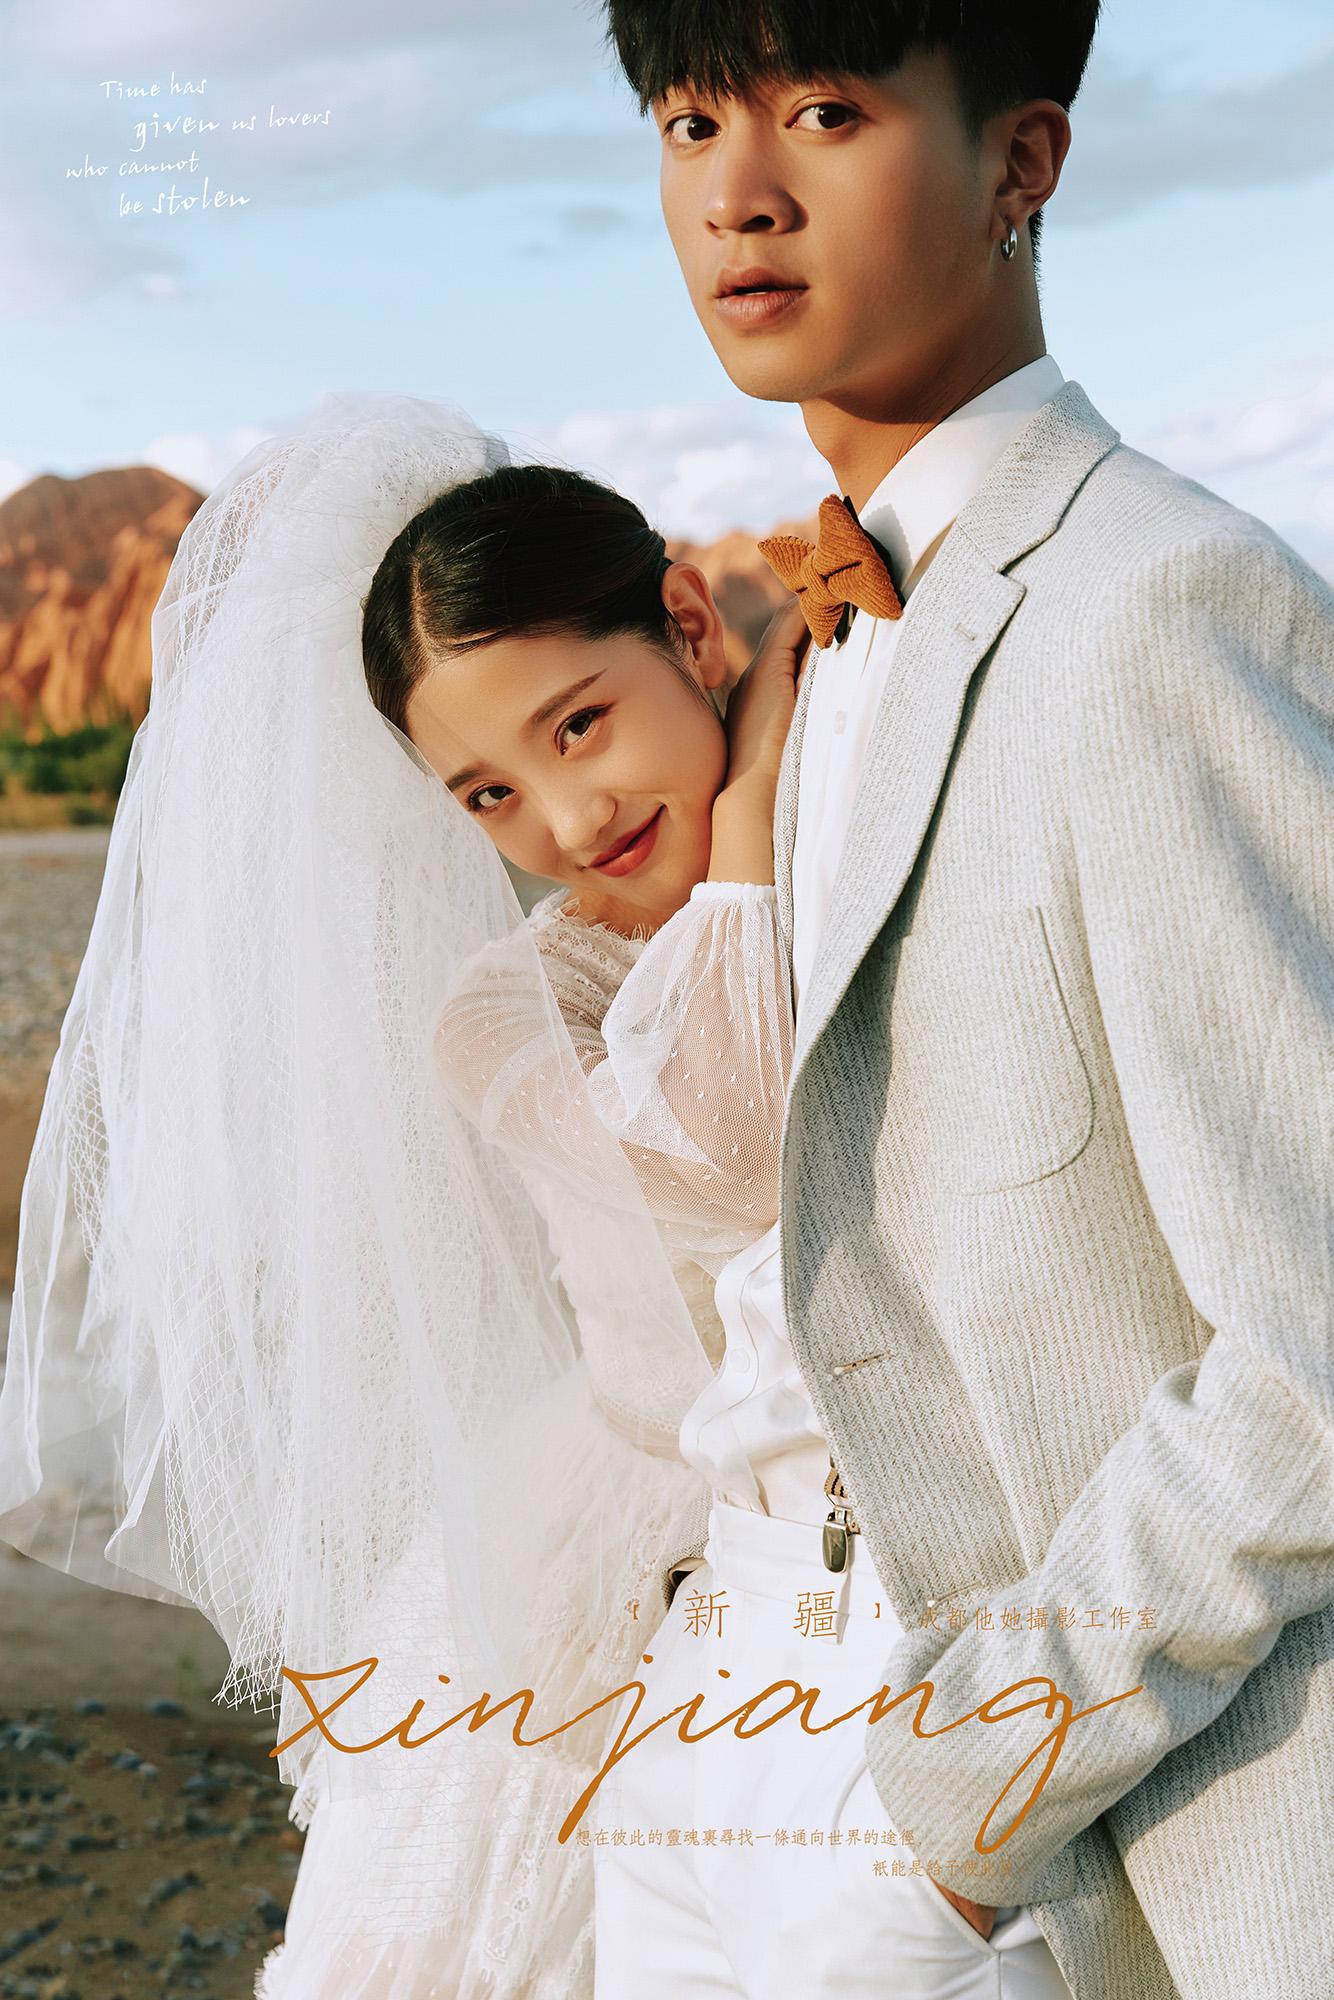 旅拍婚纱照,新疆旅拍,成都小众婚纱照,成都婚纱照,成都婚纱照摄影,成都婚纱摄影工作室,婚纱照,新疆